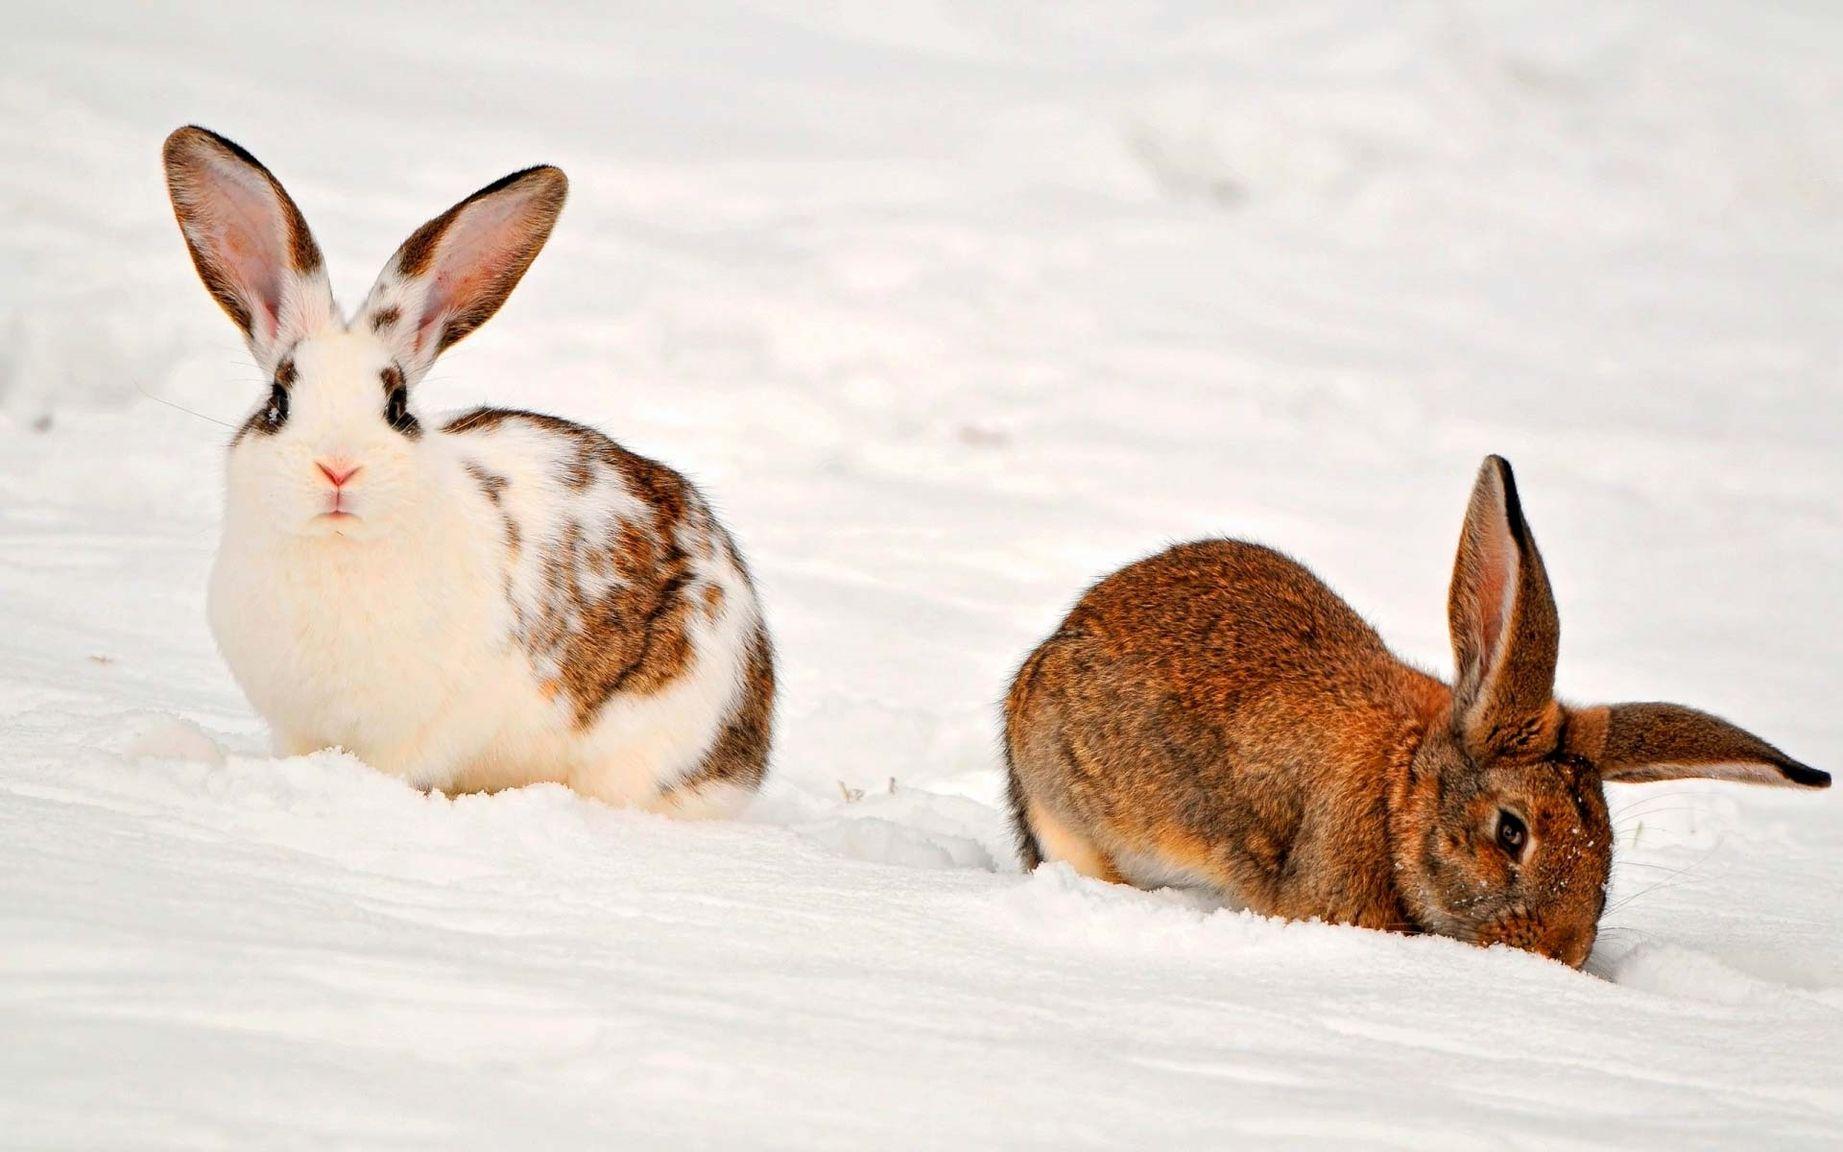 это красивые картинки зайца зимой зачёт